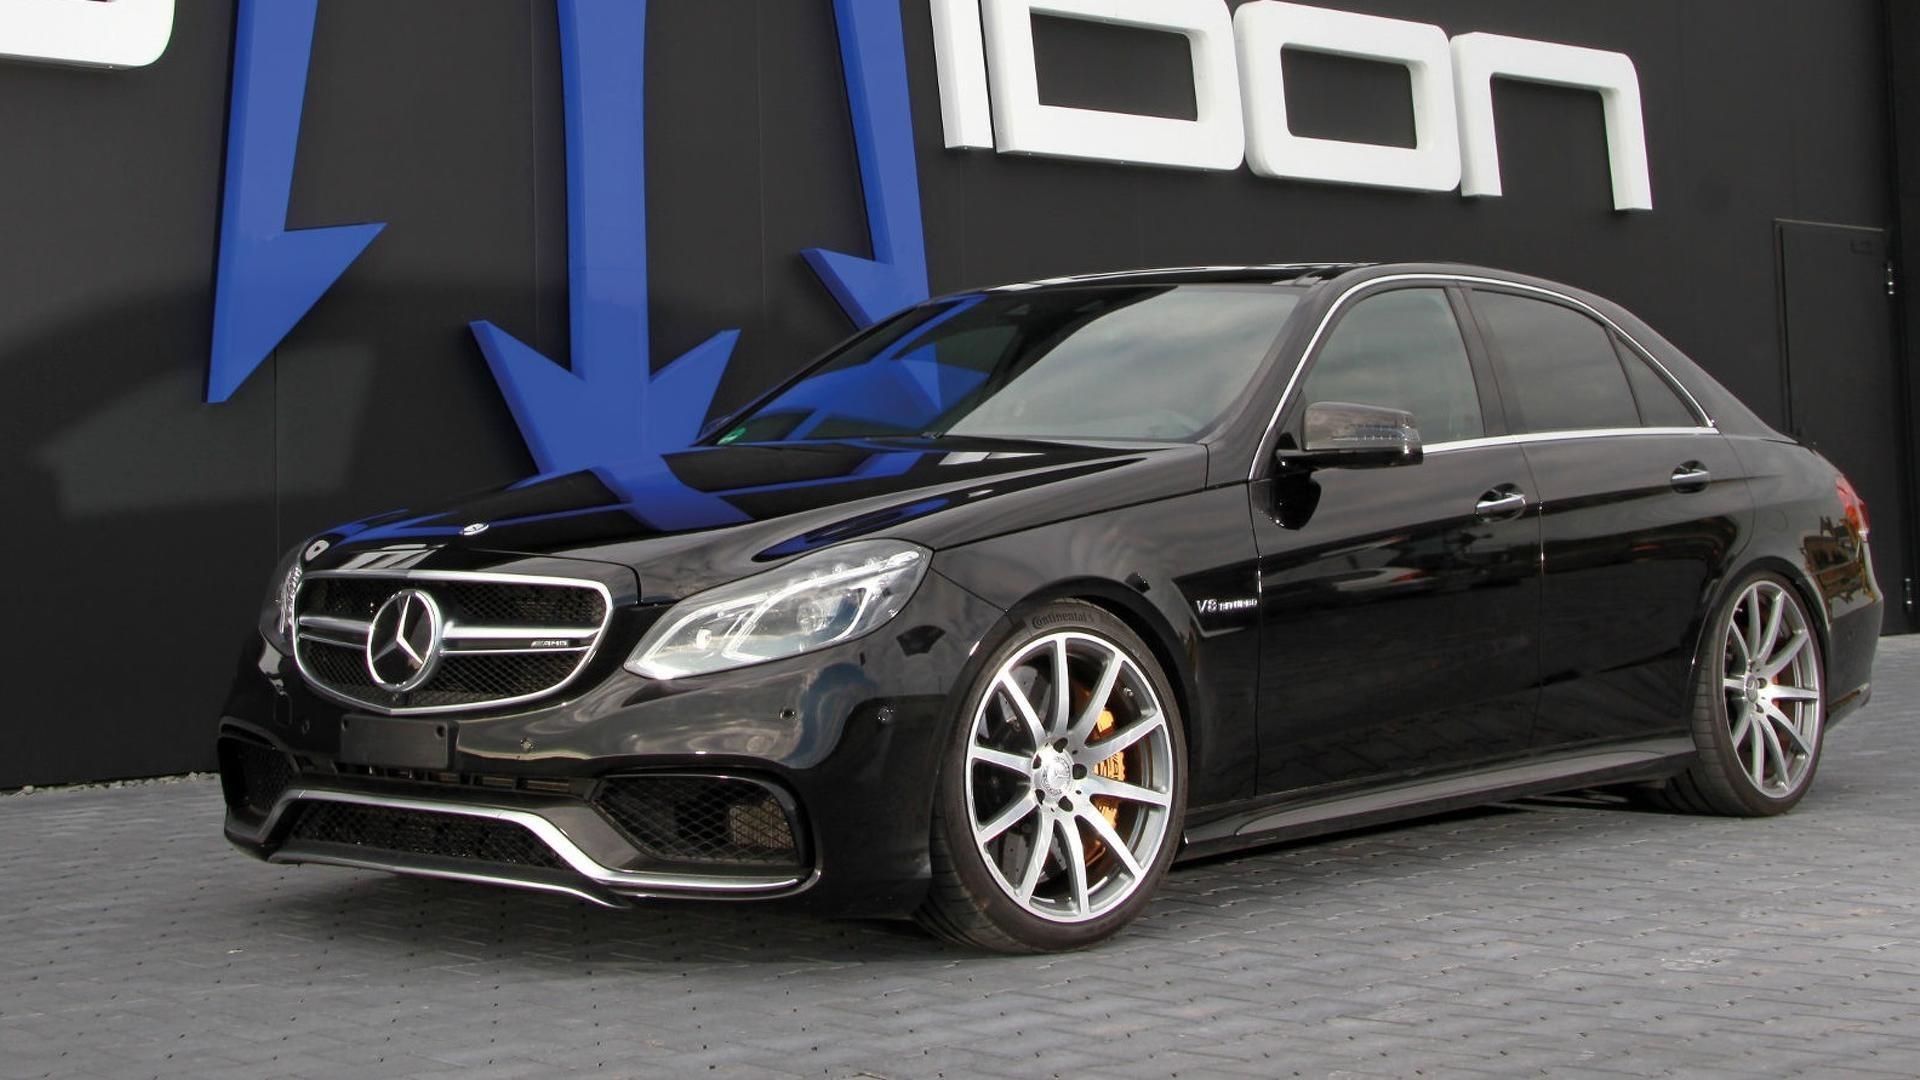 Mercedes-AMG E 63 S est plus puissante qu'une Bugatti Veyron !?